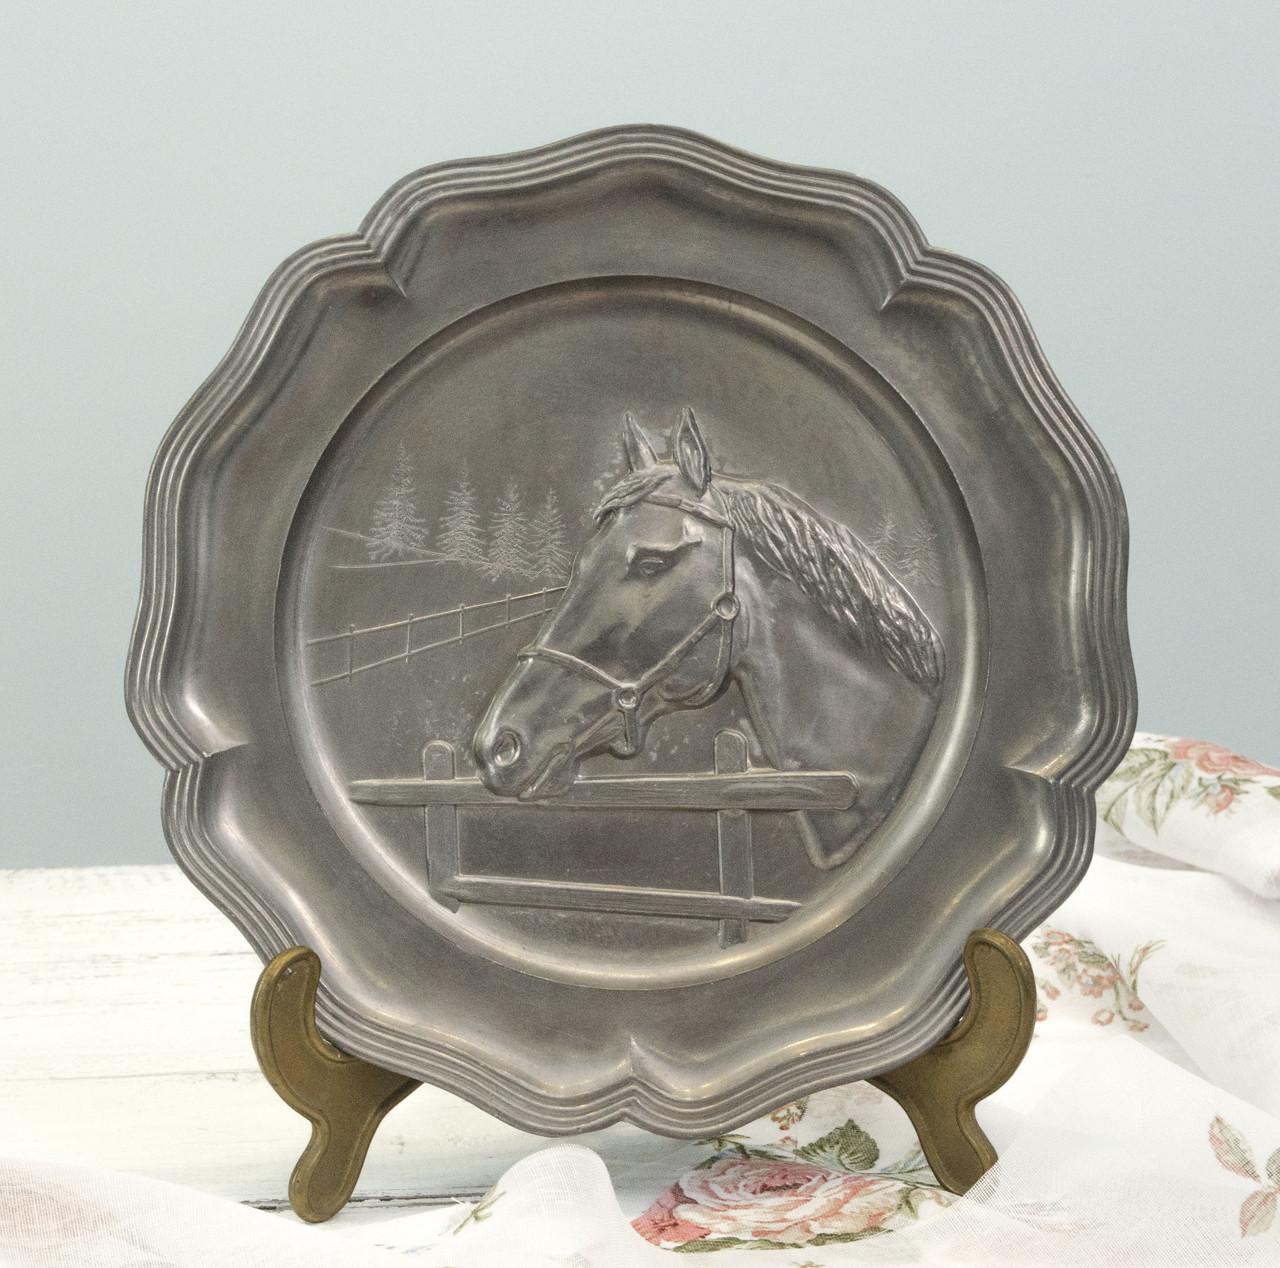 Настенная оловянная тарелка, пищевое олово, Германия, Лошадь